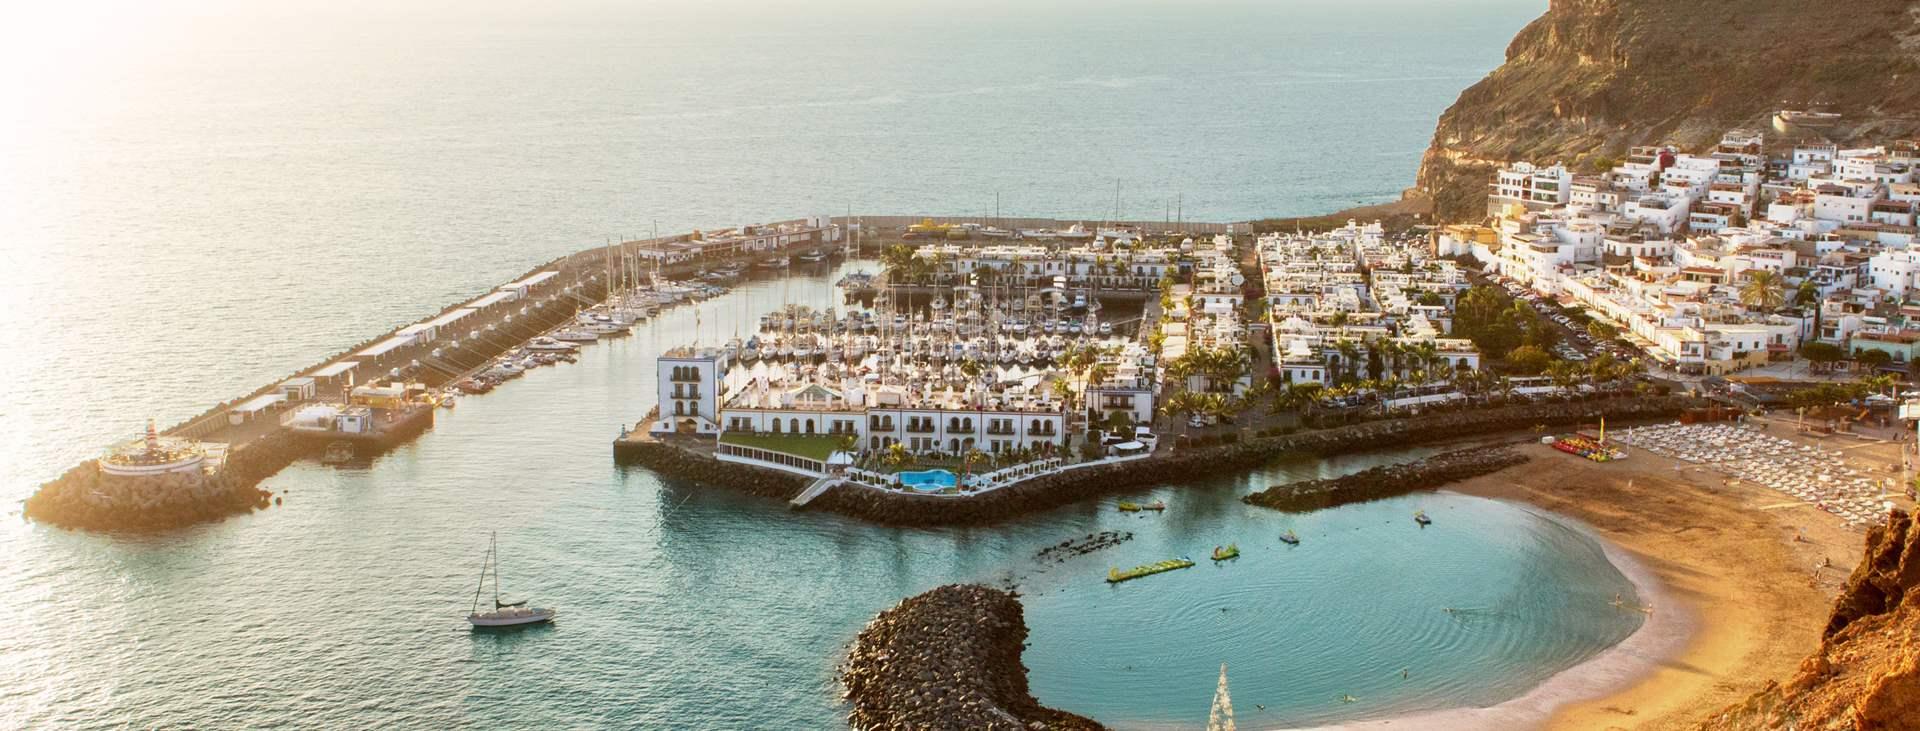 Lähde Tjäreborgin matkalle Puerto de Mogániin, Gran Canarialle